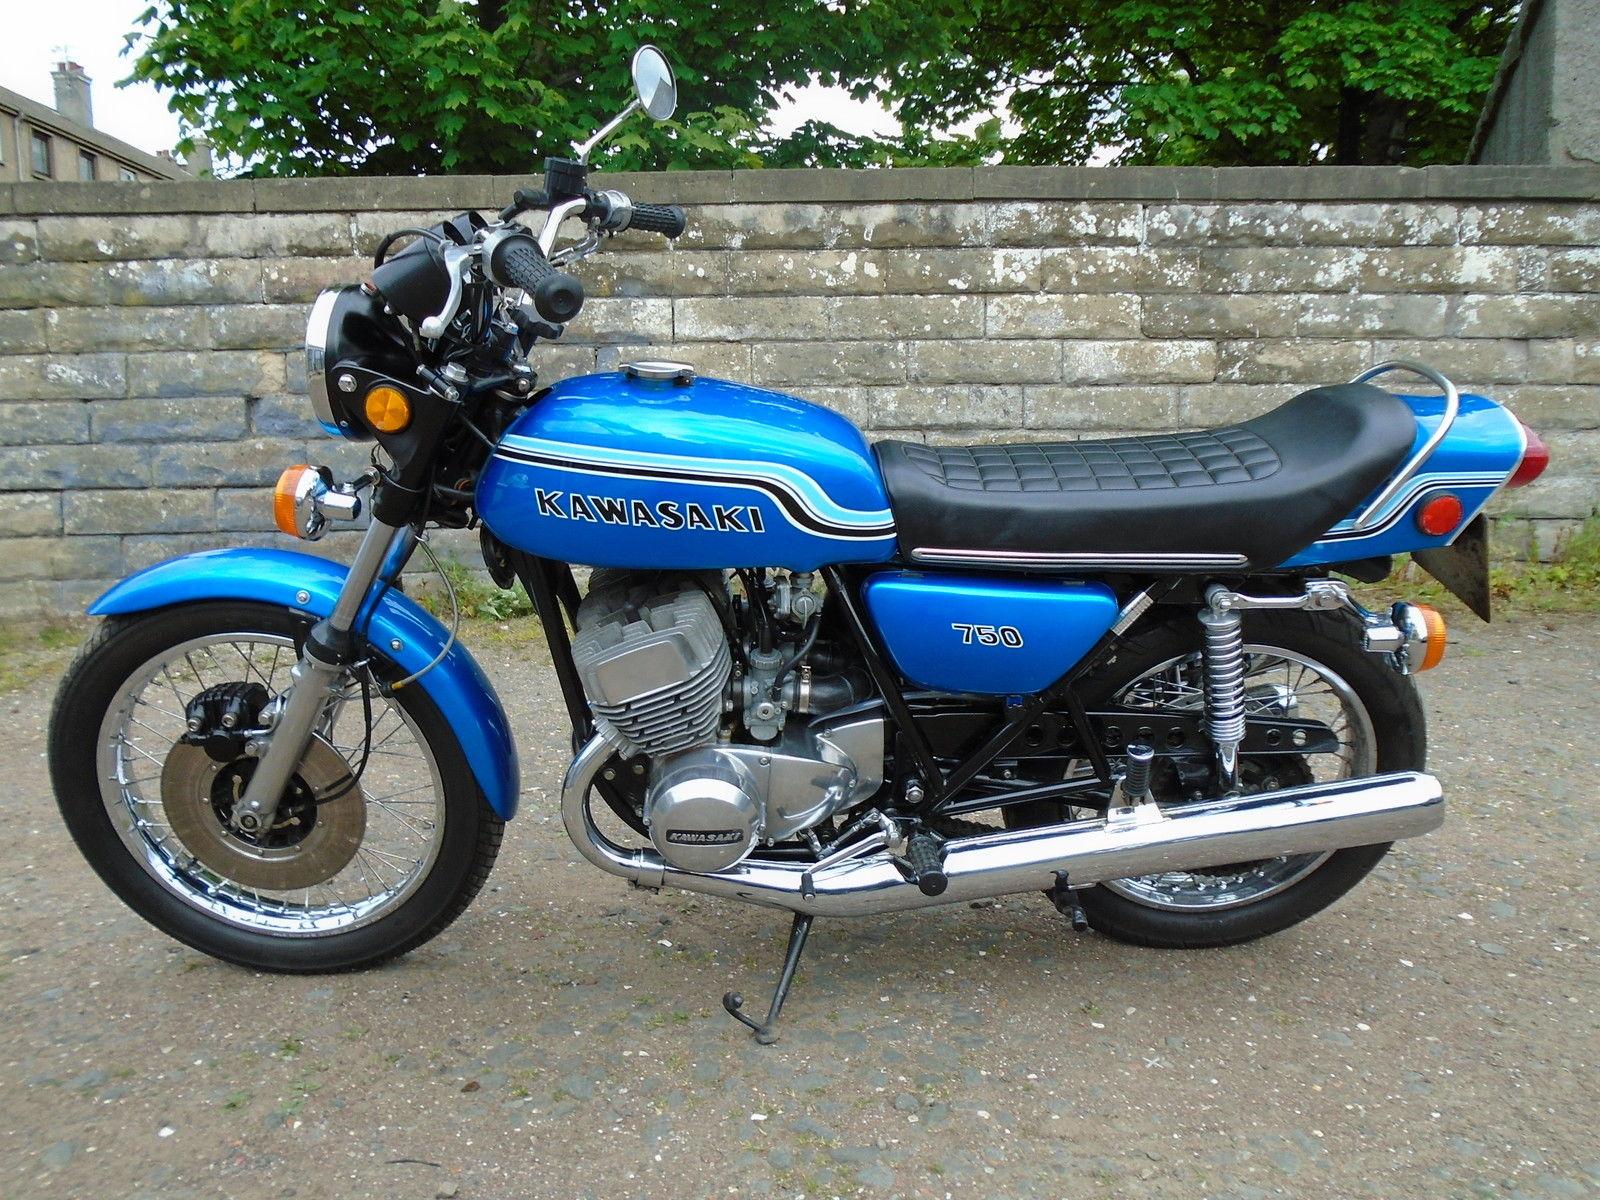 restored kawasaki h2 750 1972 photographs at classic bikes restored bikes restored. Black Bedroom Furniture Sets. Home Design Ideas